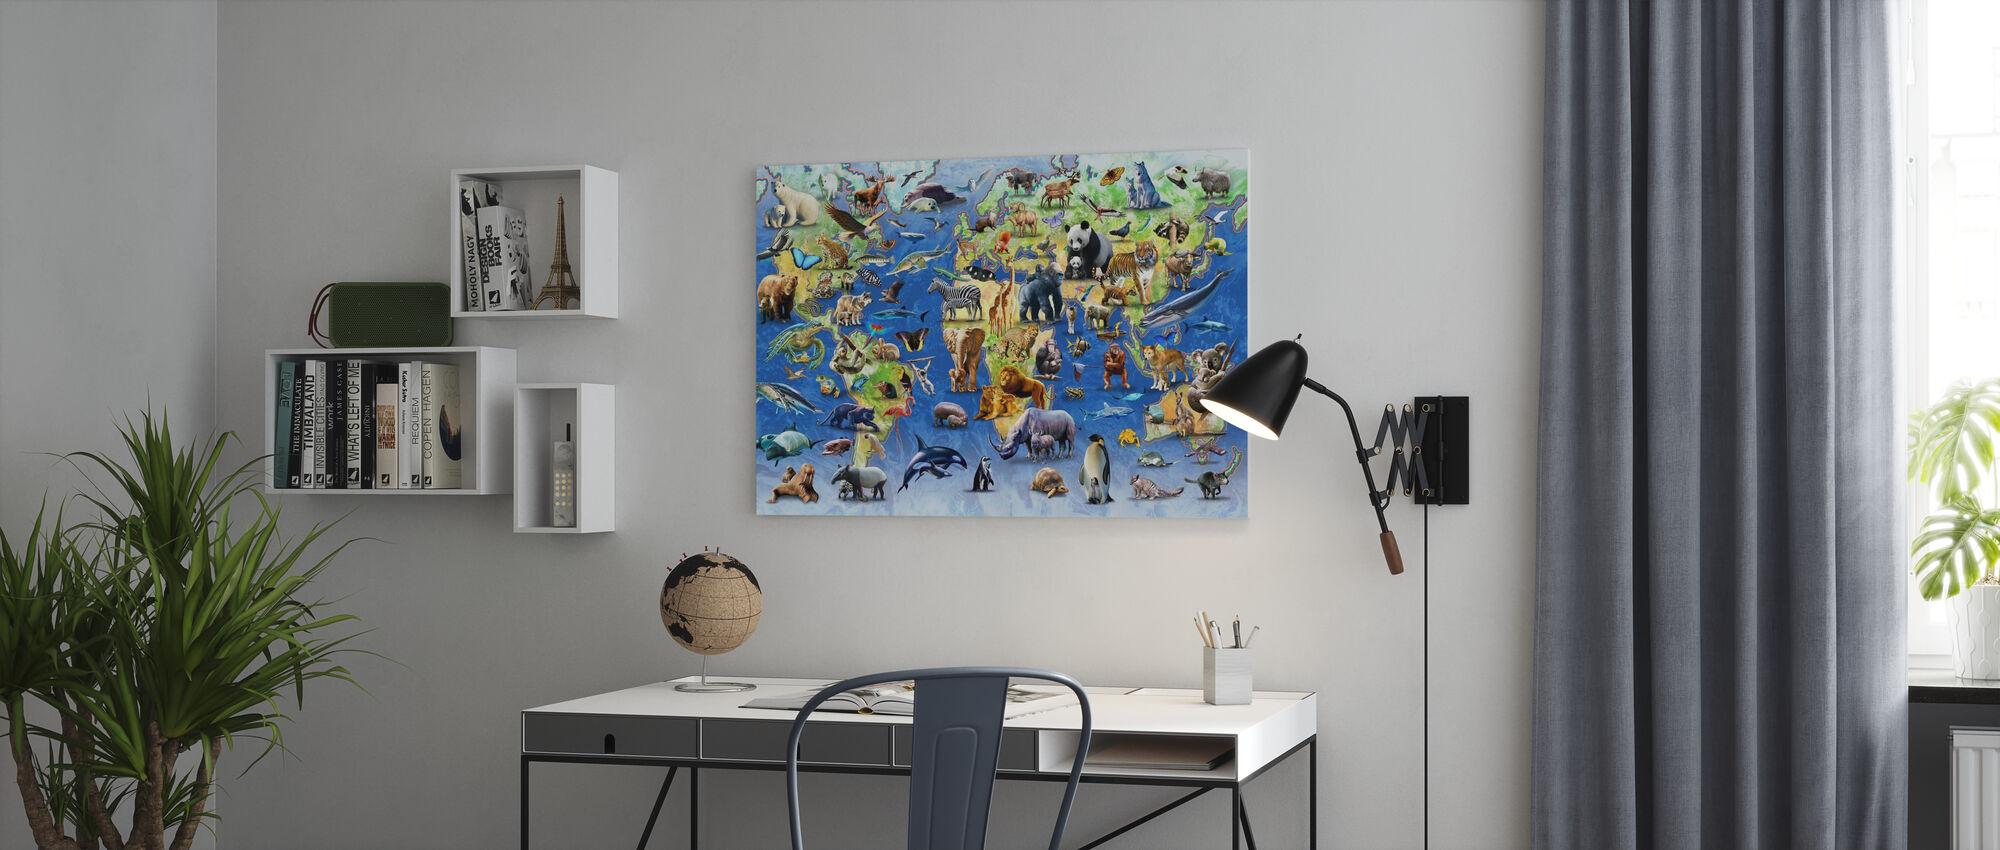 Honderd bedreigde soorten - Canvas print - Kantoor